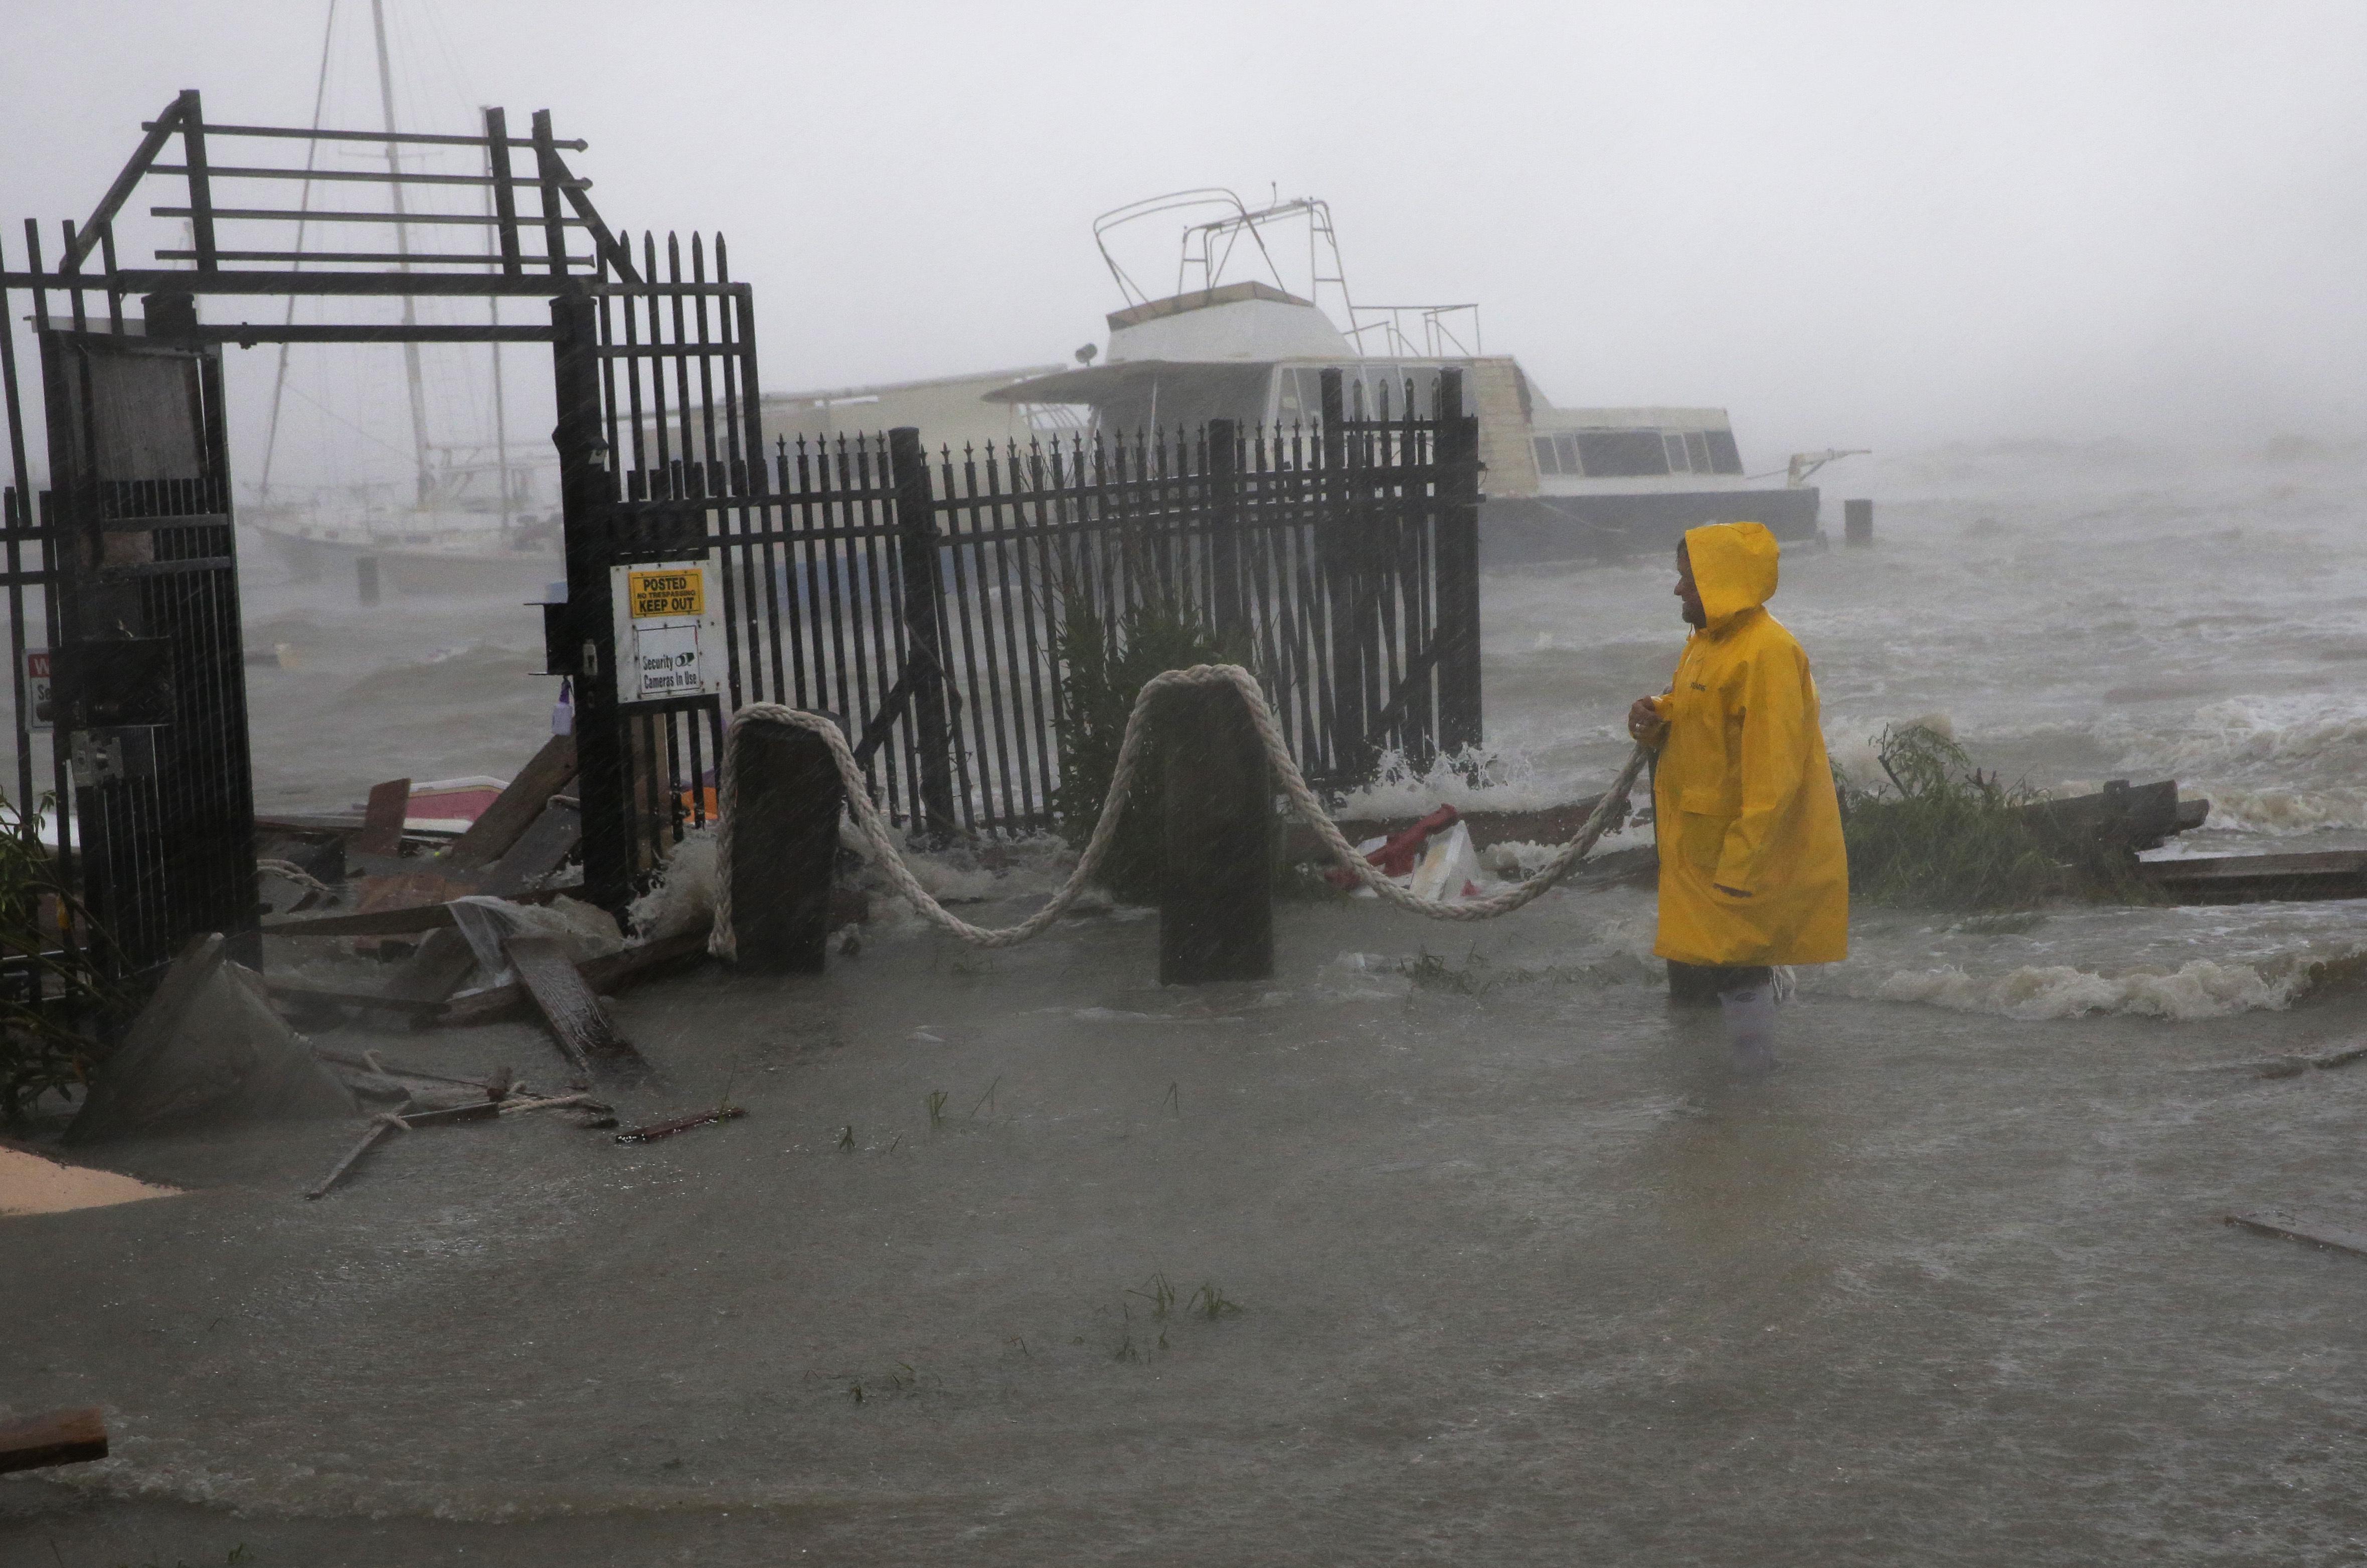 Jame Rowles examina los daños en el puerto en el que estaba anclado su barco en Corpus Christi, Texas. (AP Photo/Eric Gay)